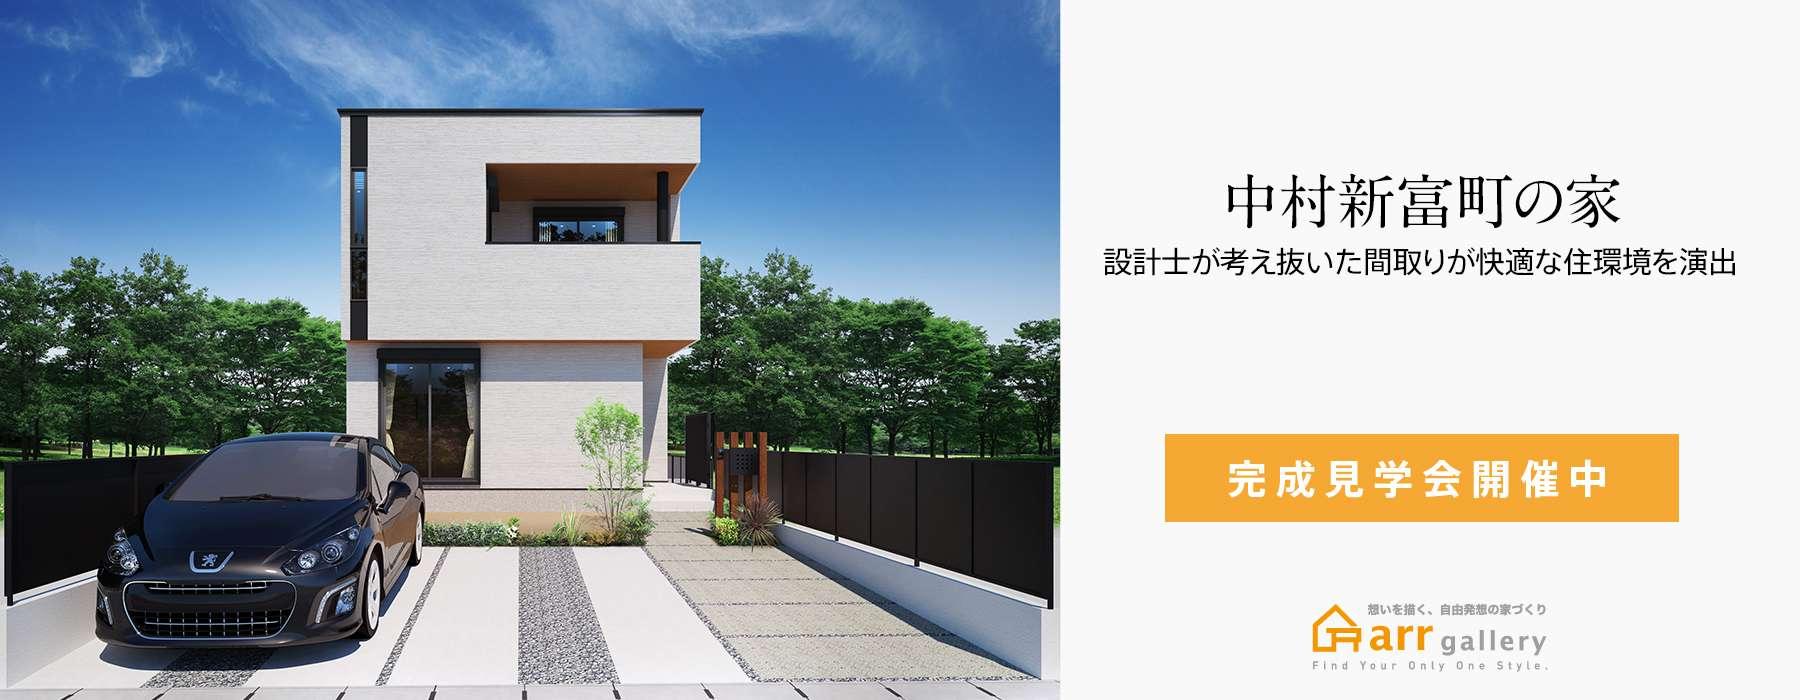 中村新富町の家